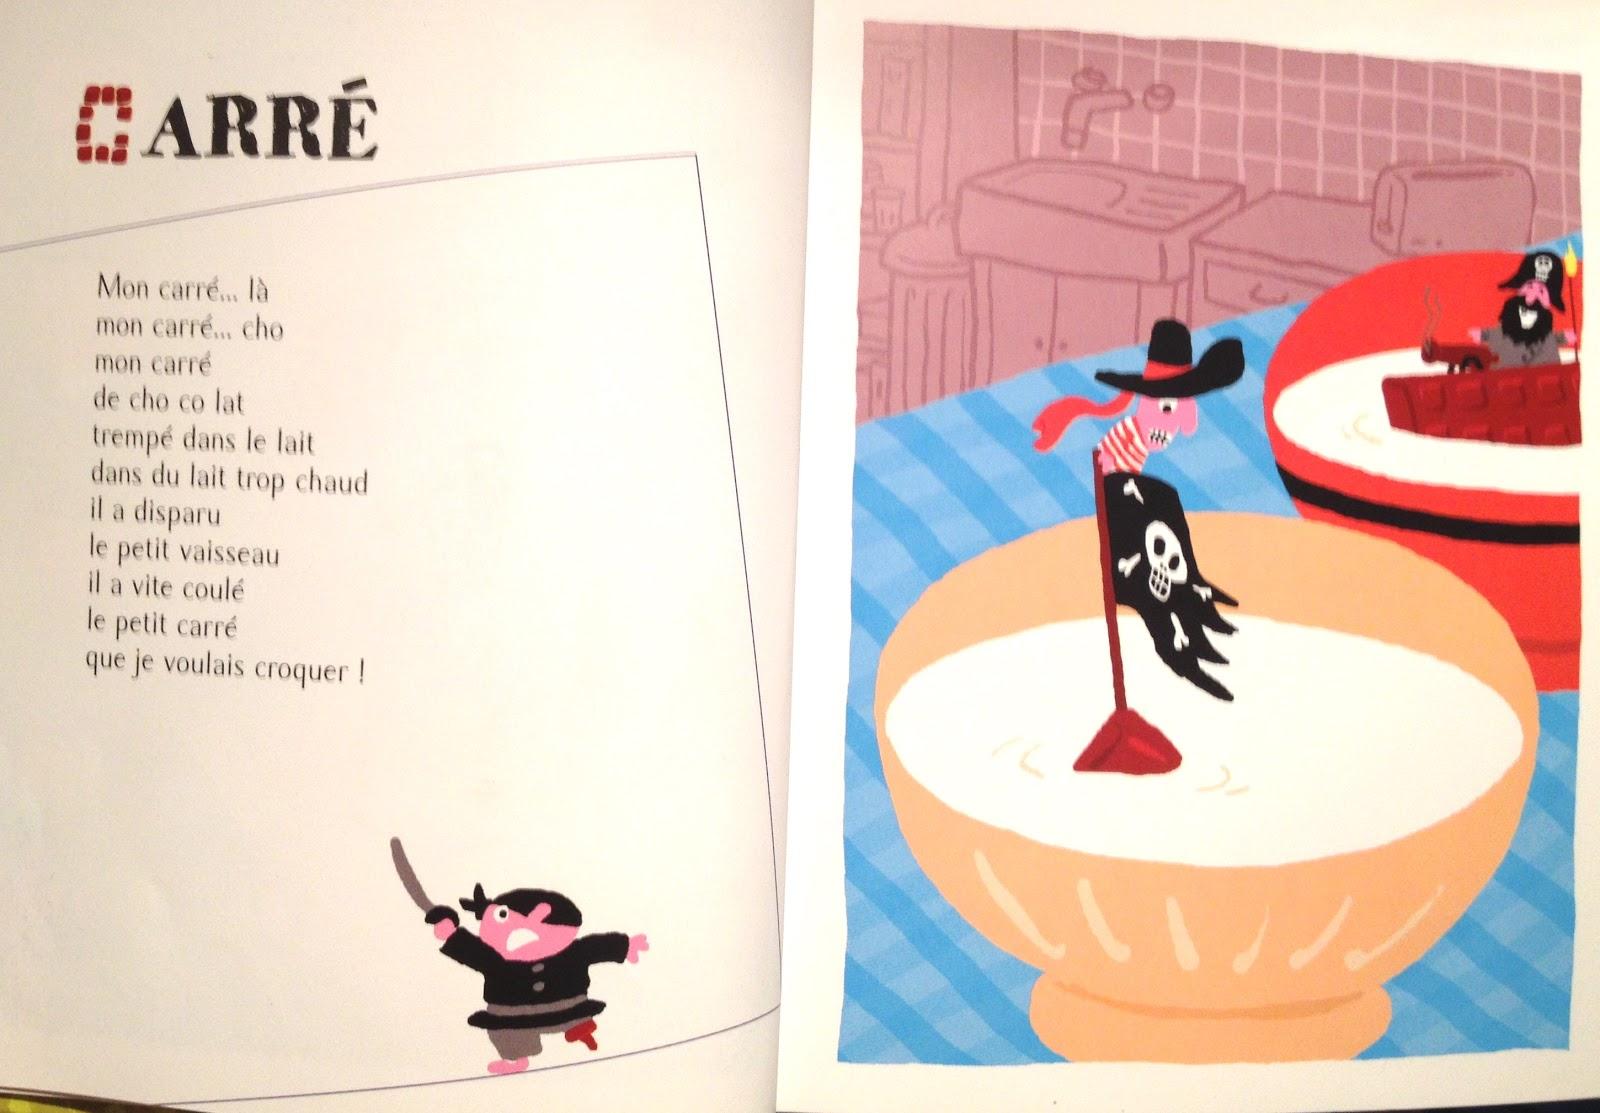 Картинка стихи на французском